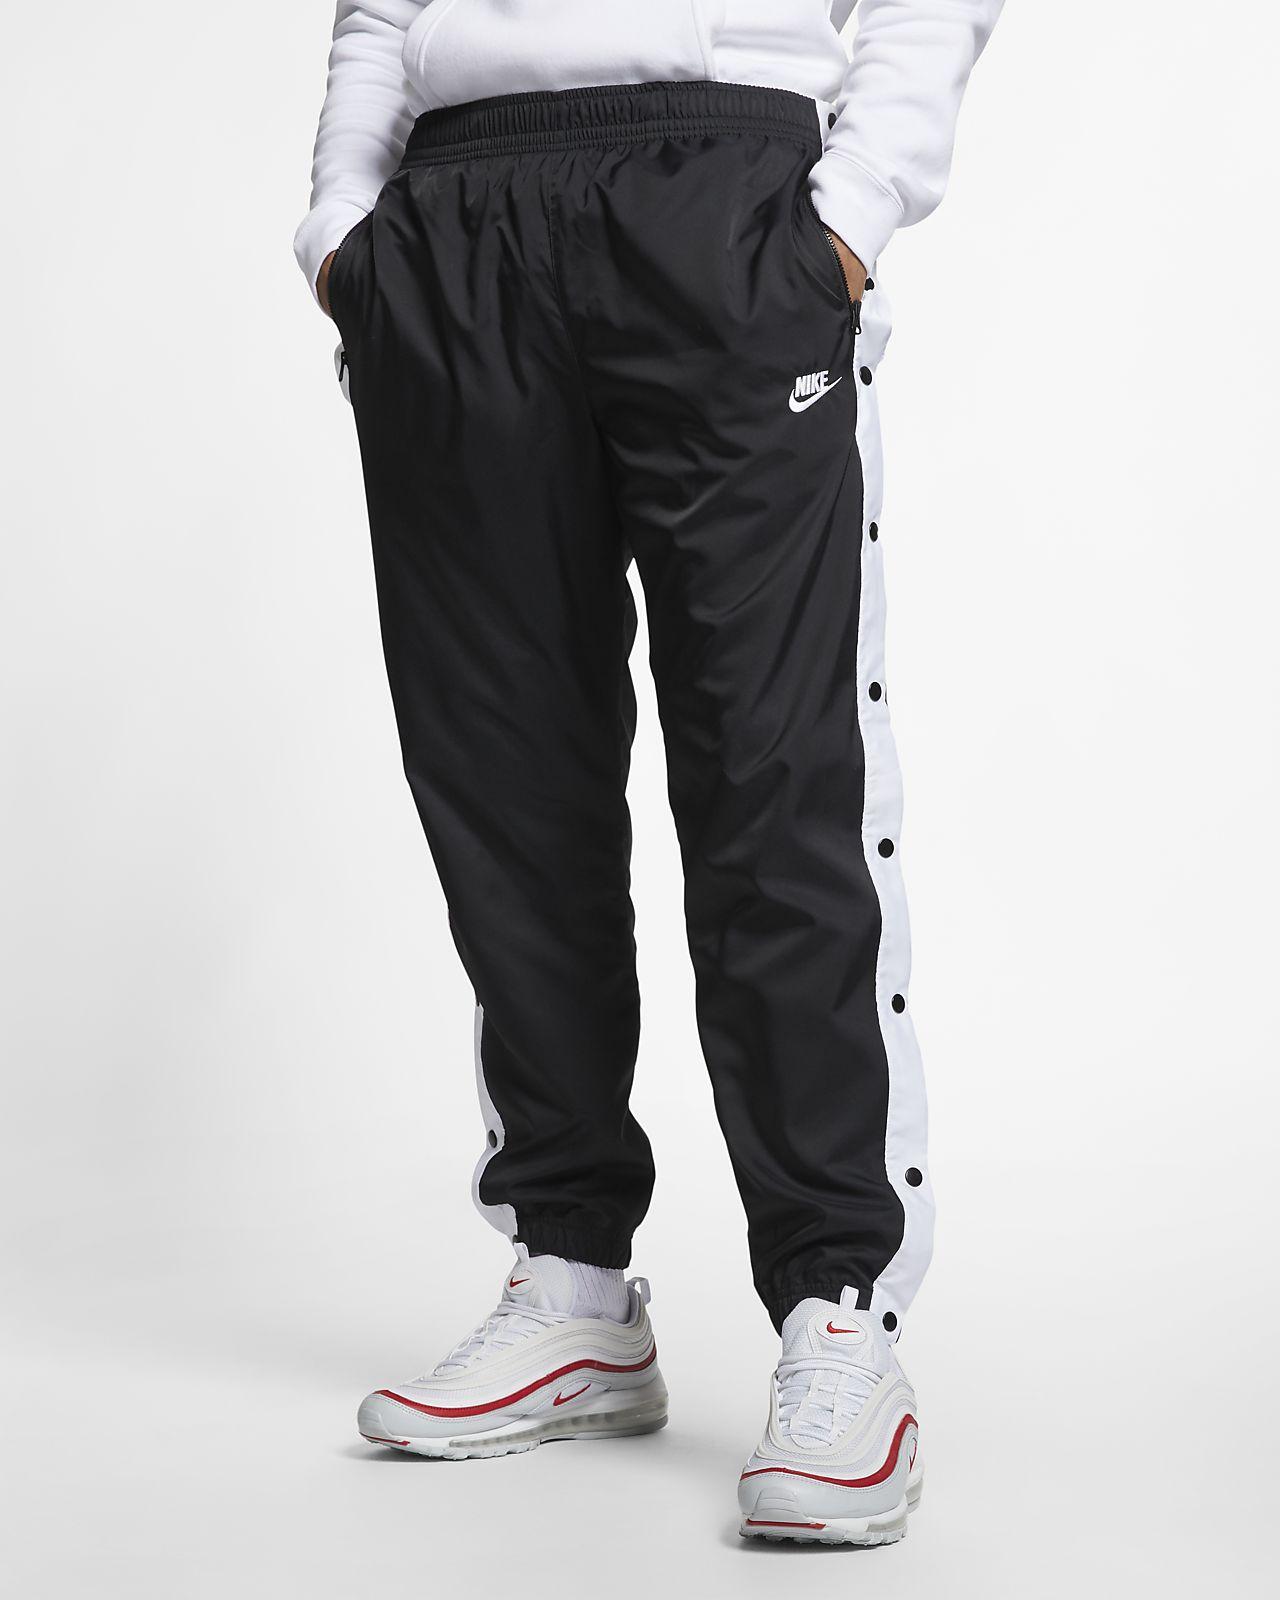 dfe412f68 Nike Sportswear Men's Woven Track Pants. Nike.com